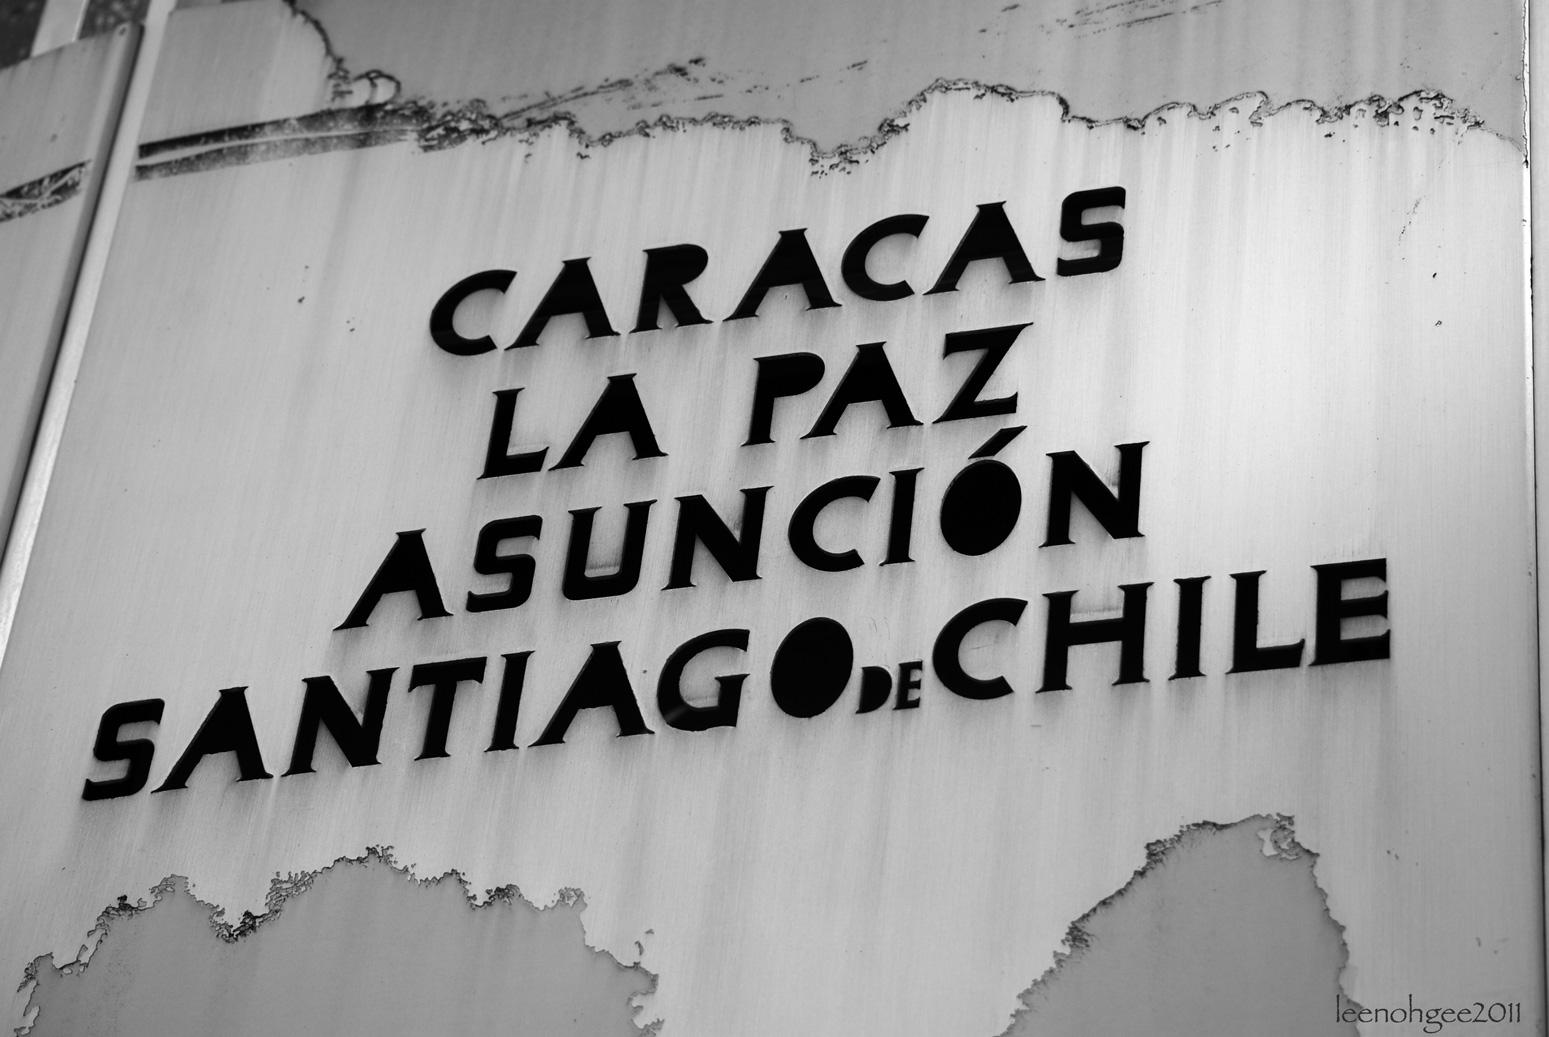 Caracas Caracas, como me gusta esa ciudad...